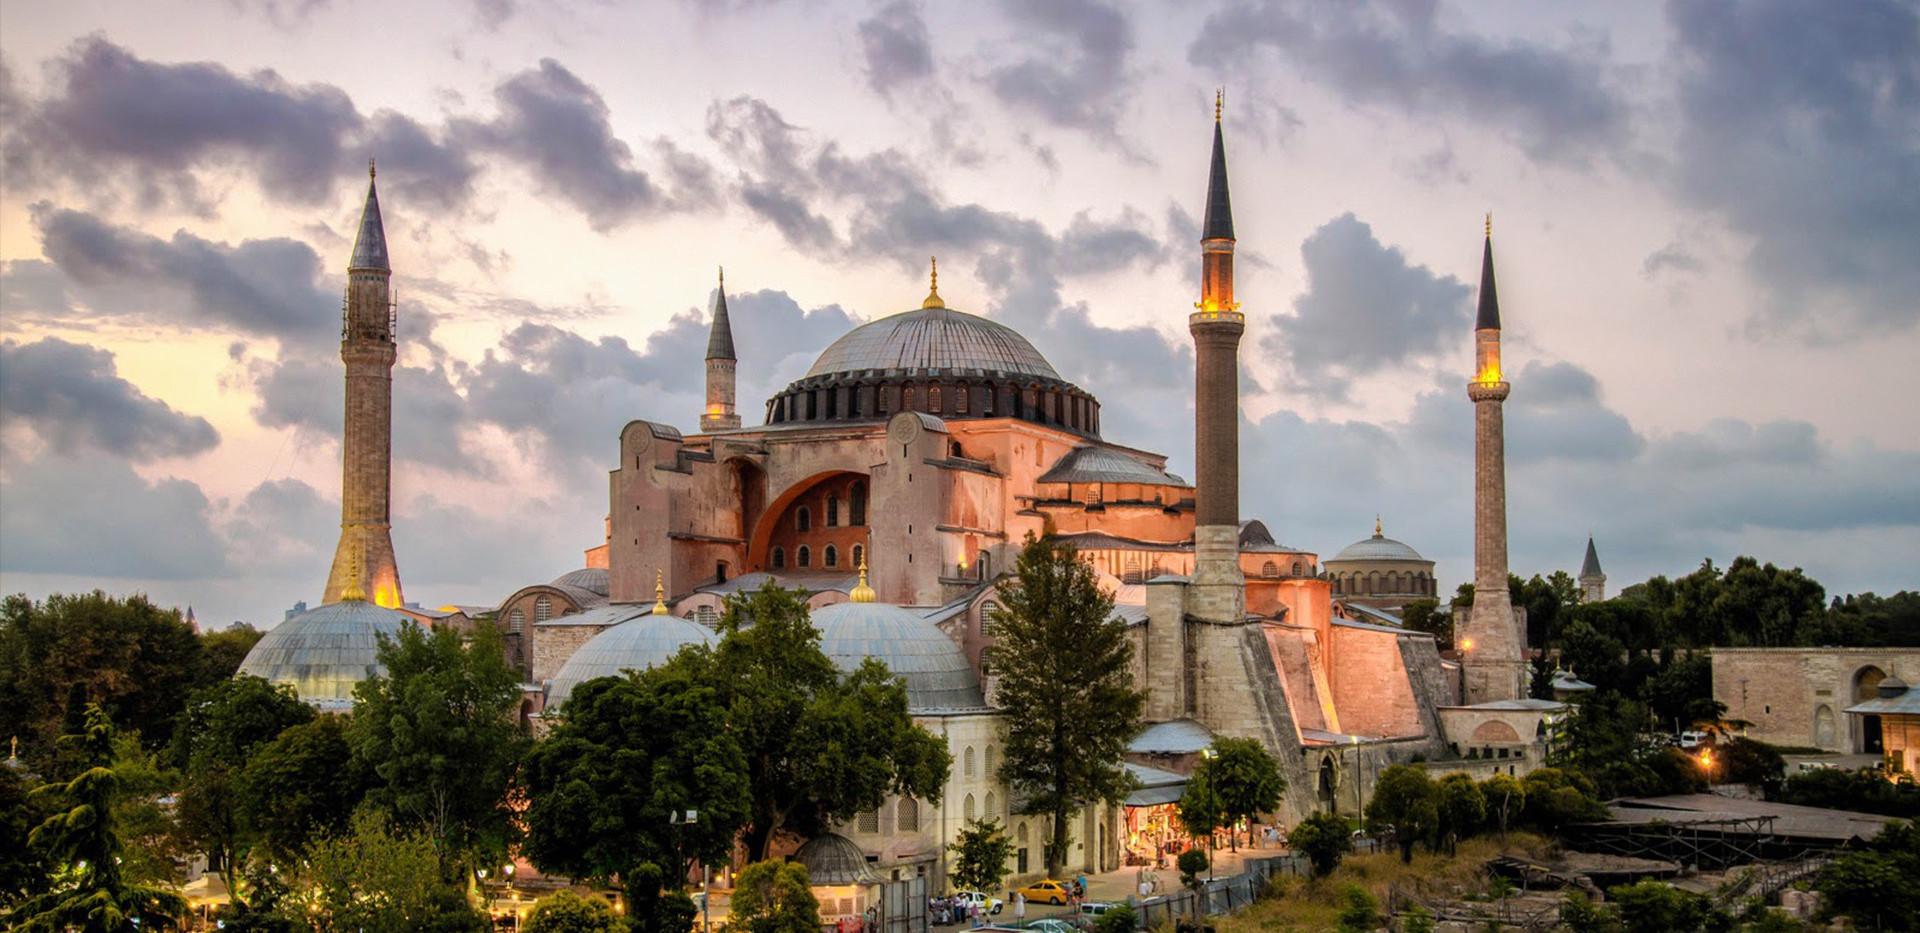 Estambul - Hagia Sophia